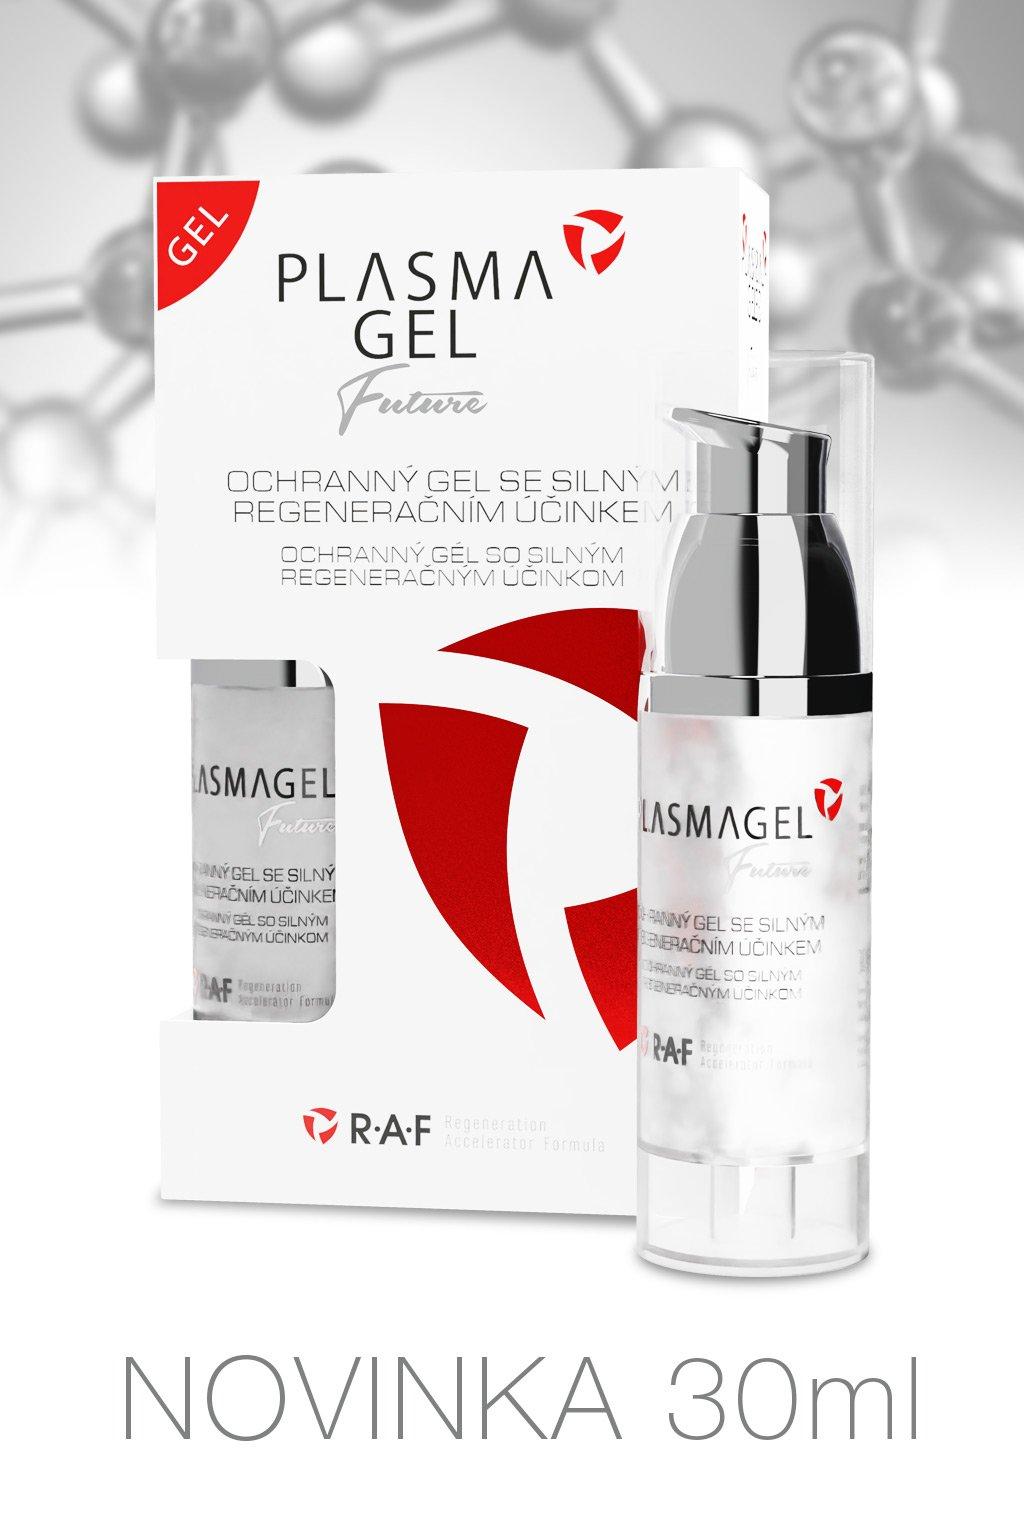 plasmagel 30ml